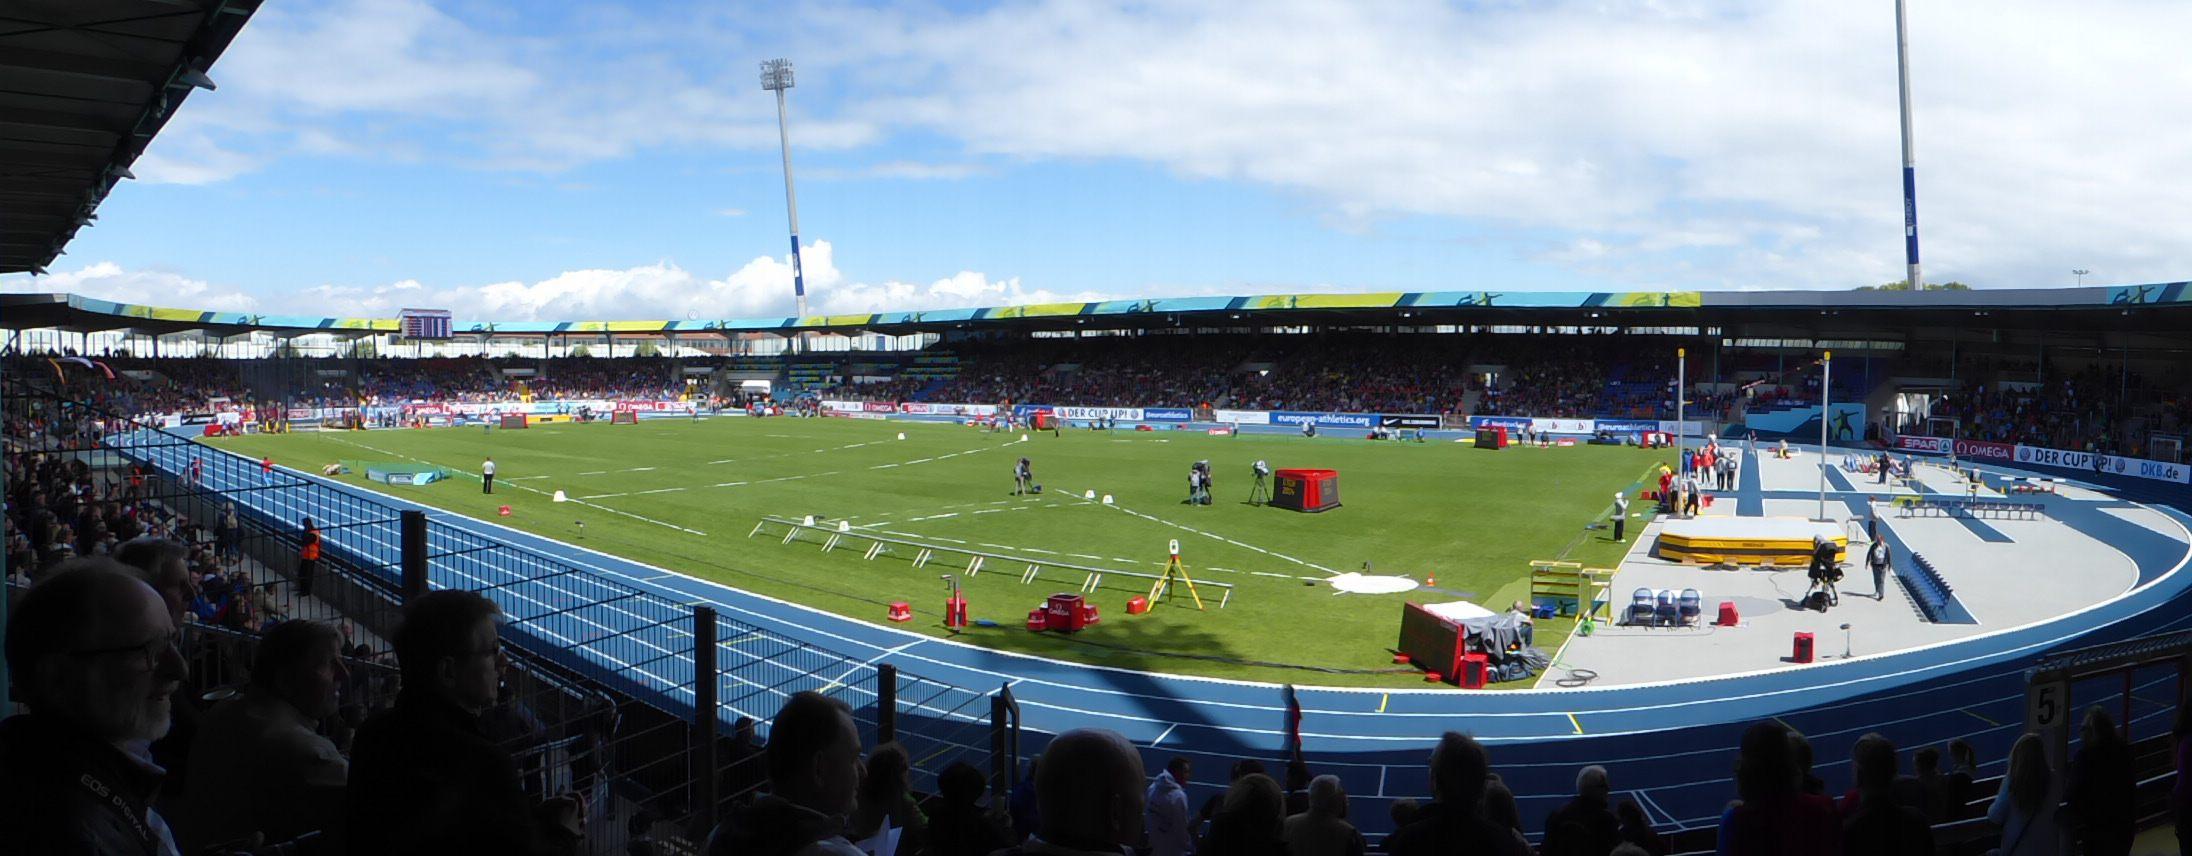 stadion eintracht braunschweig